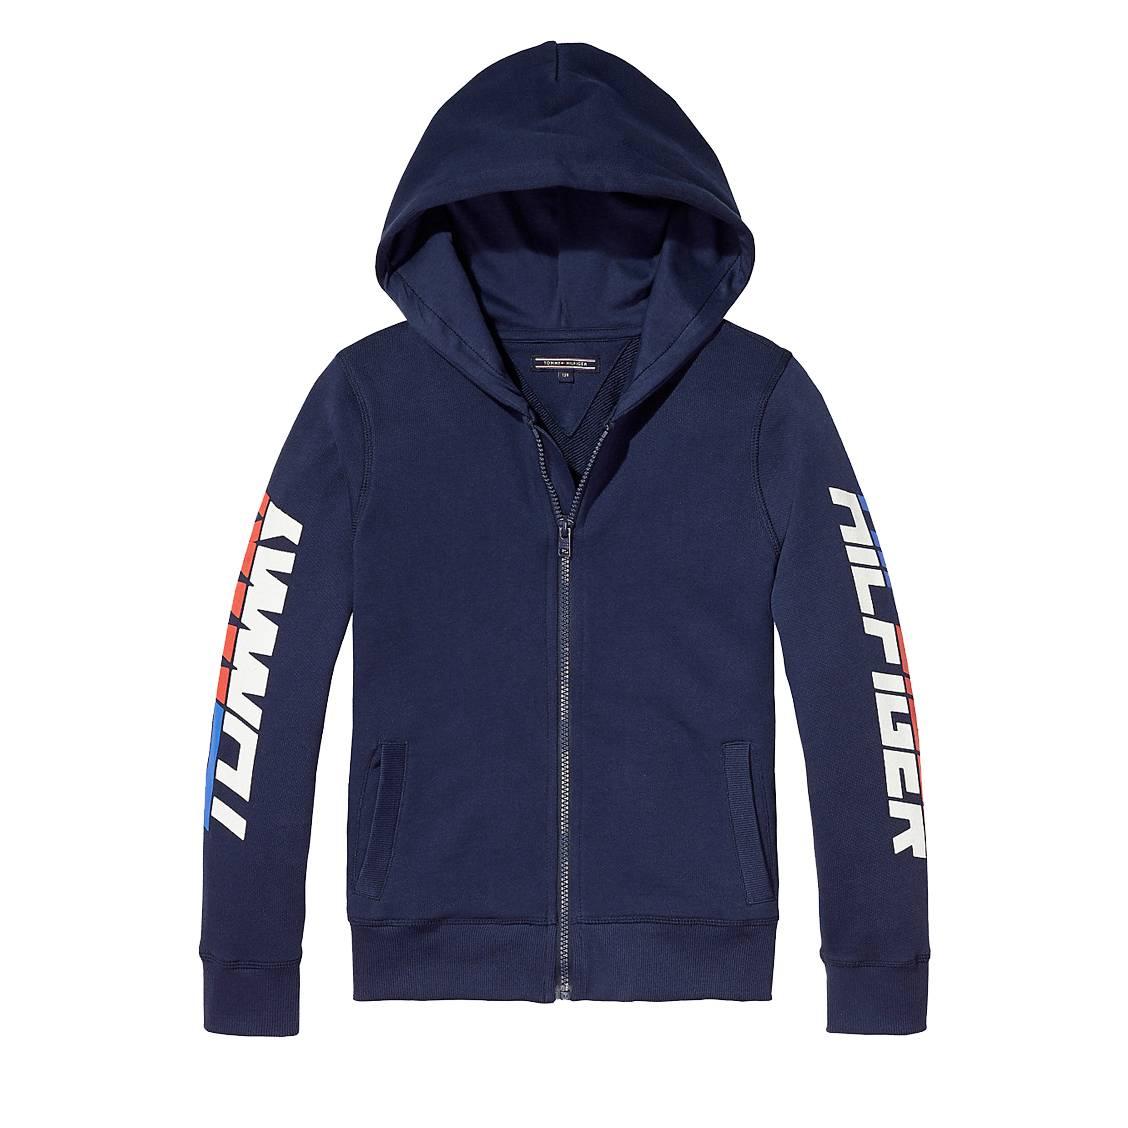 38d044bd77a Sweat zippé à capuche Tommy Hilfiger en coton bleu marine floqué sur les  manches ...